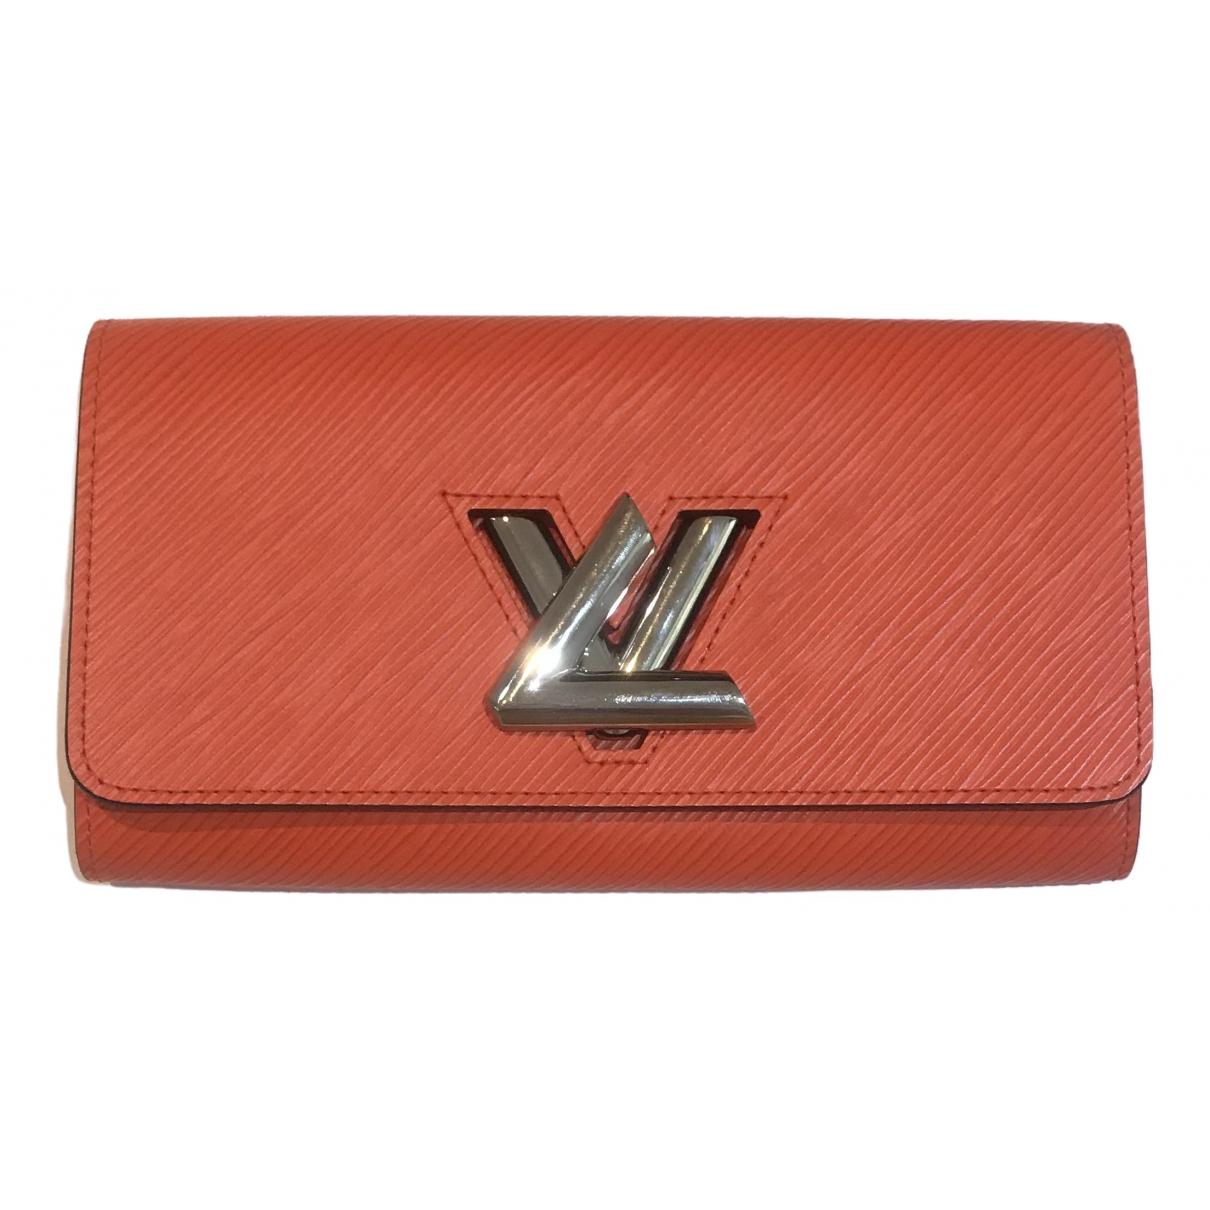 Louis Vuitton - Portefeuille Twist pour femme en cuir - orange